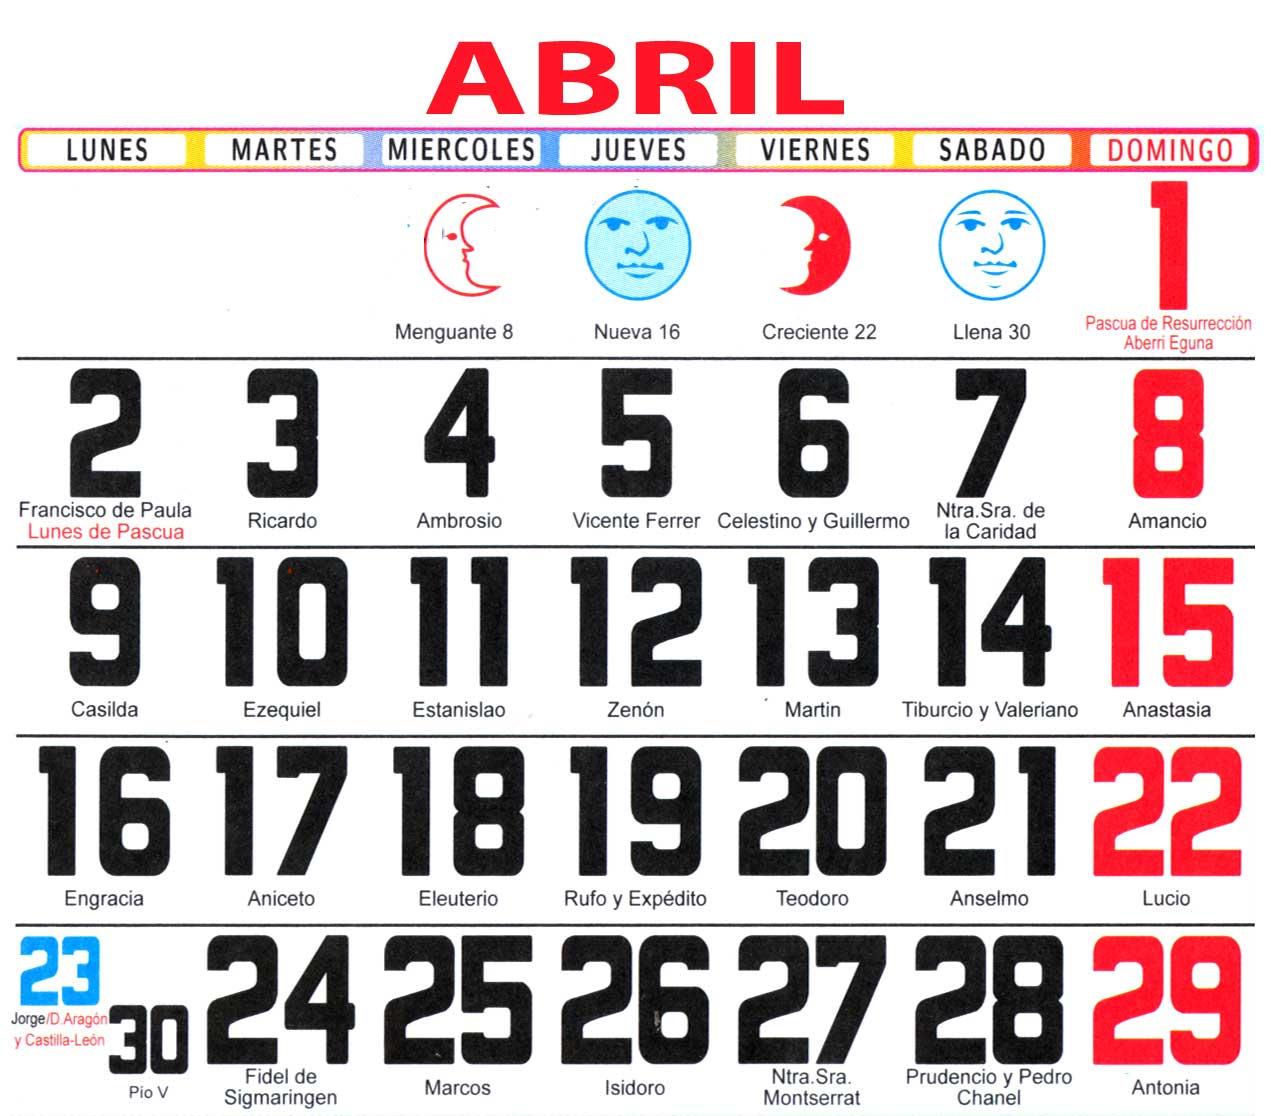 Calendario Santoral.Calendario 2018 Con Santoral Y Lunas